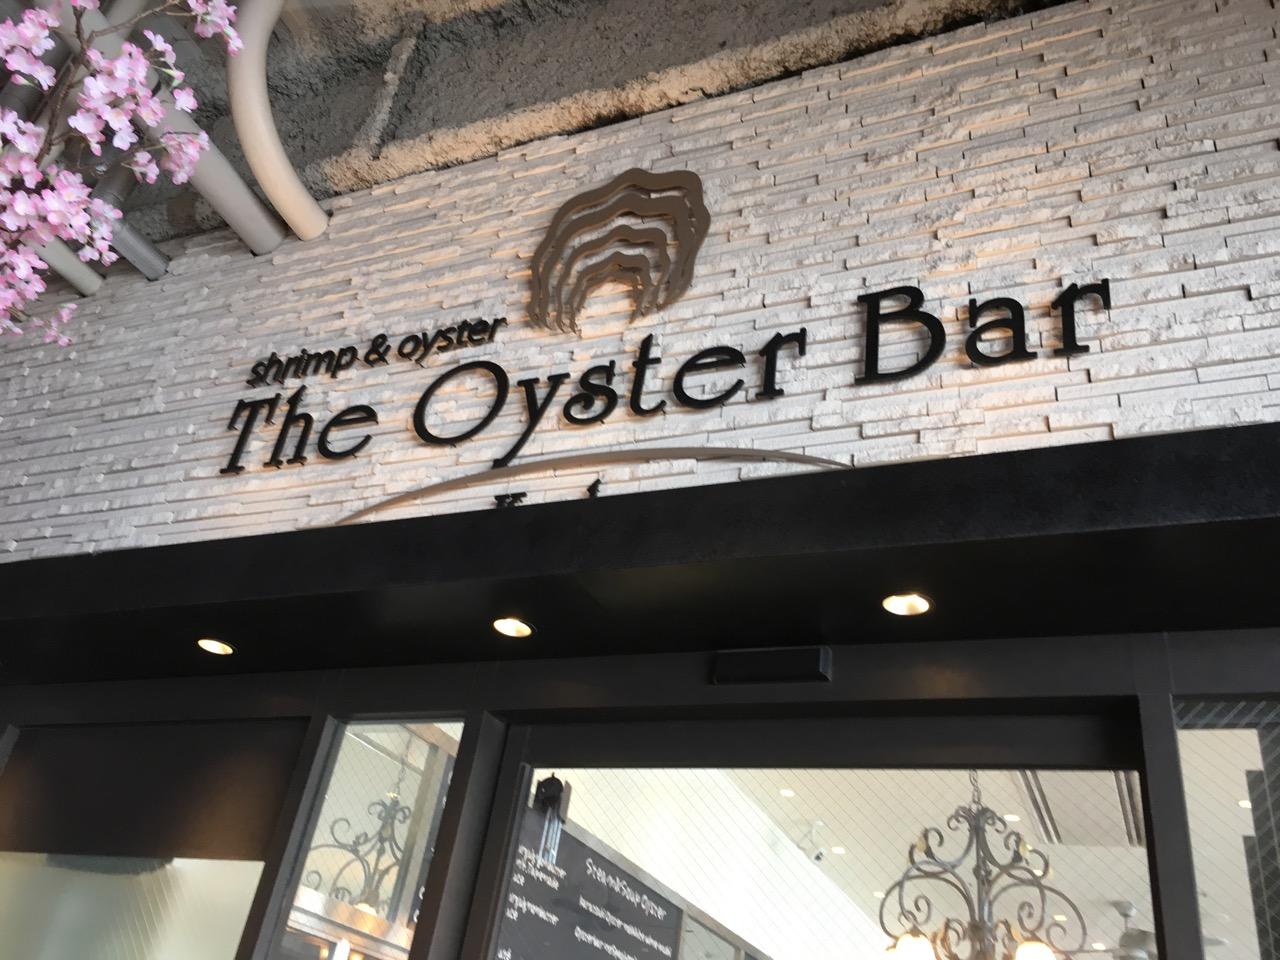 ザオイスターバー コウベ (The Oyster Bar Kobe)で牡蠣ランチ